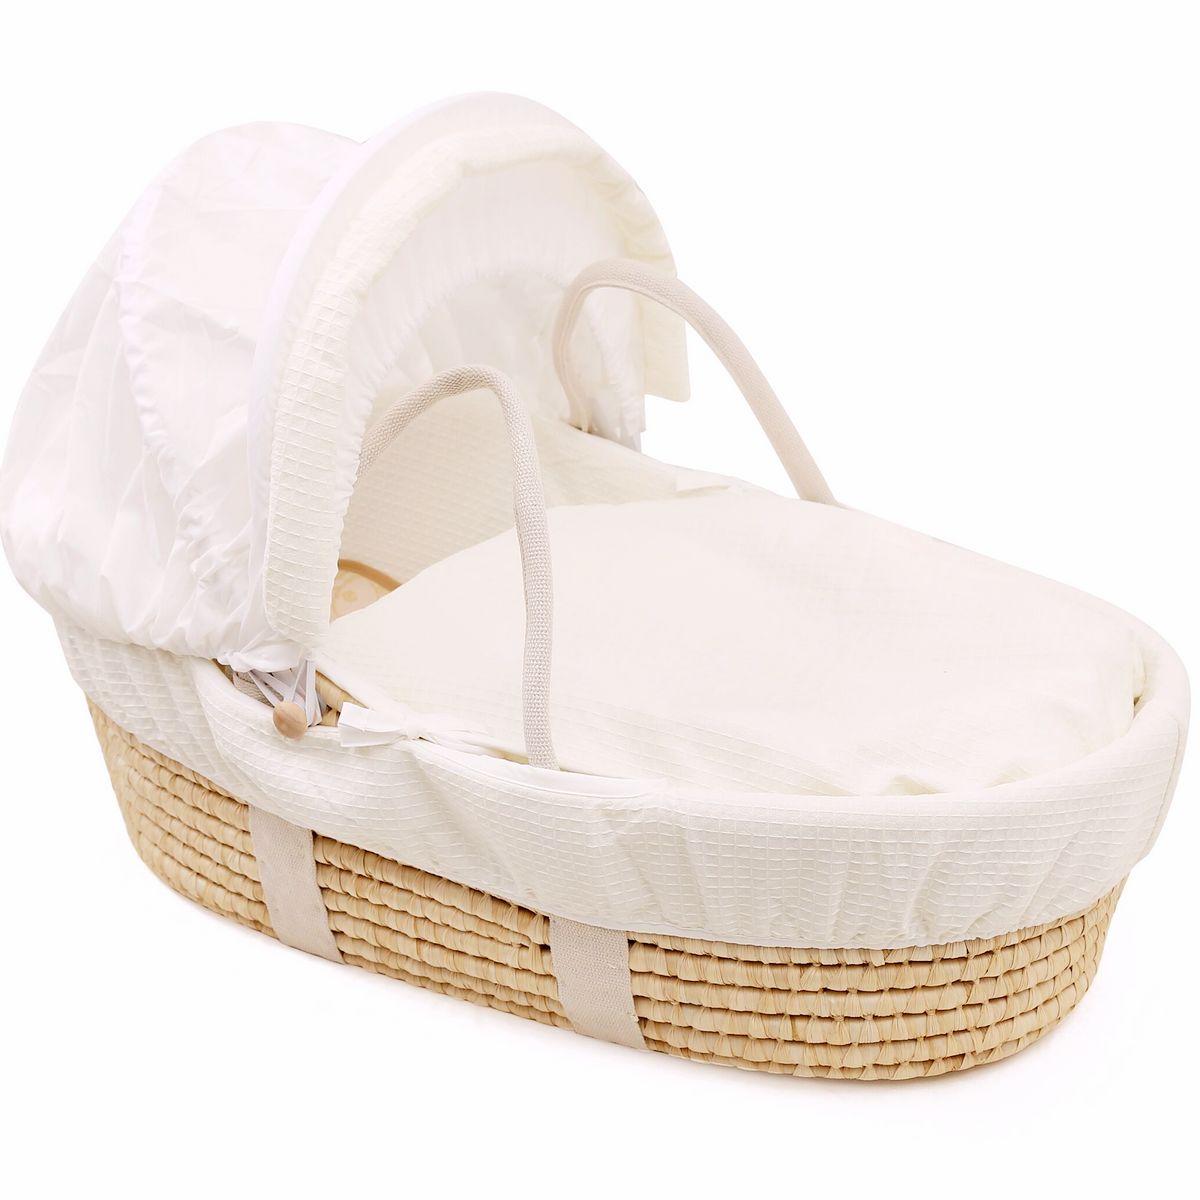 婴儿提篮睡篮新生儿婴儿篮子手提篮车载便携式外出院筐宝宝摇蓝床